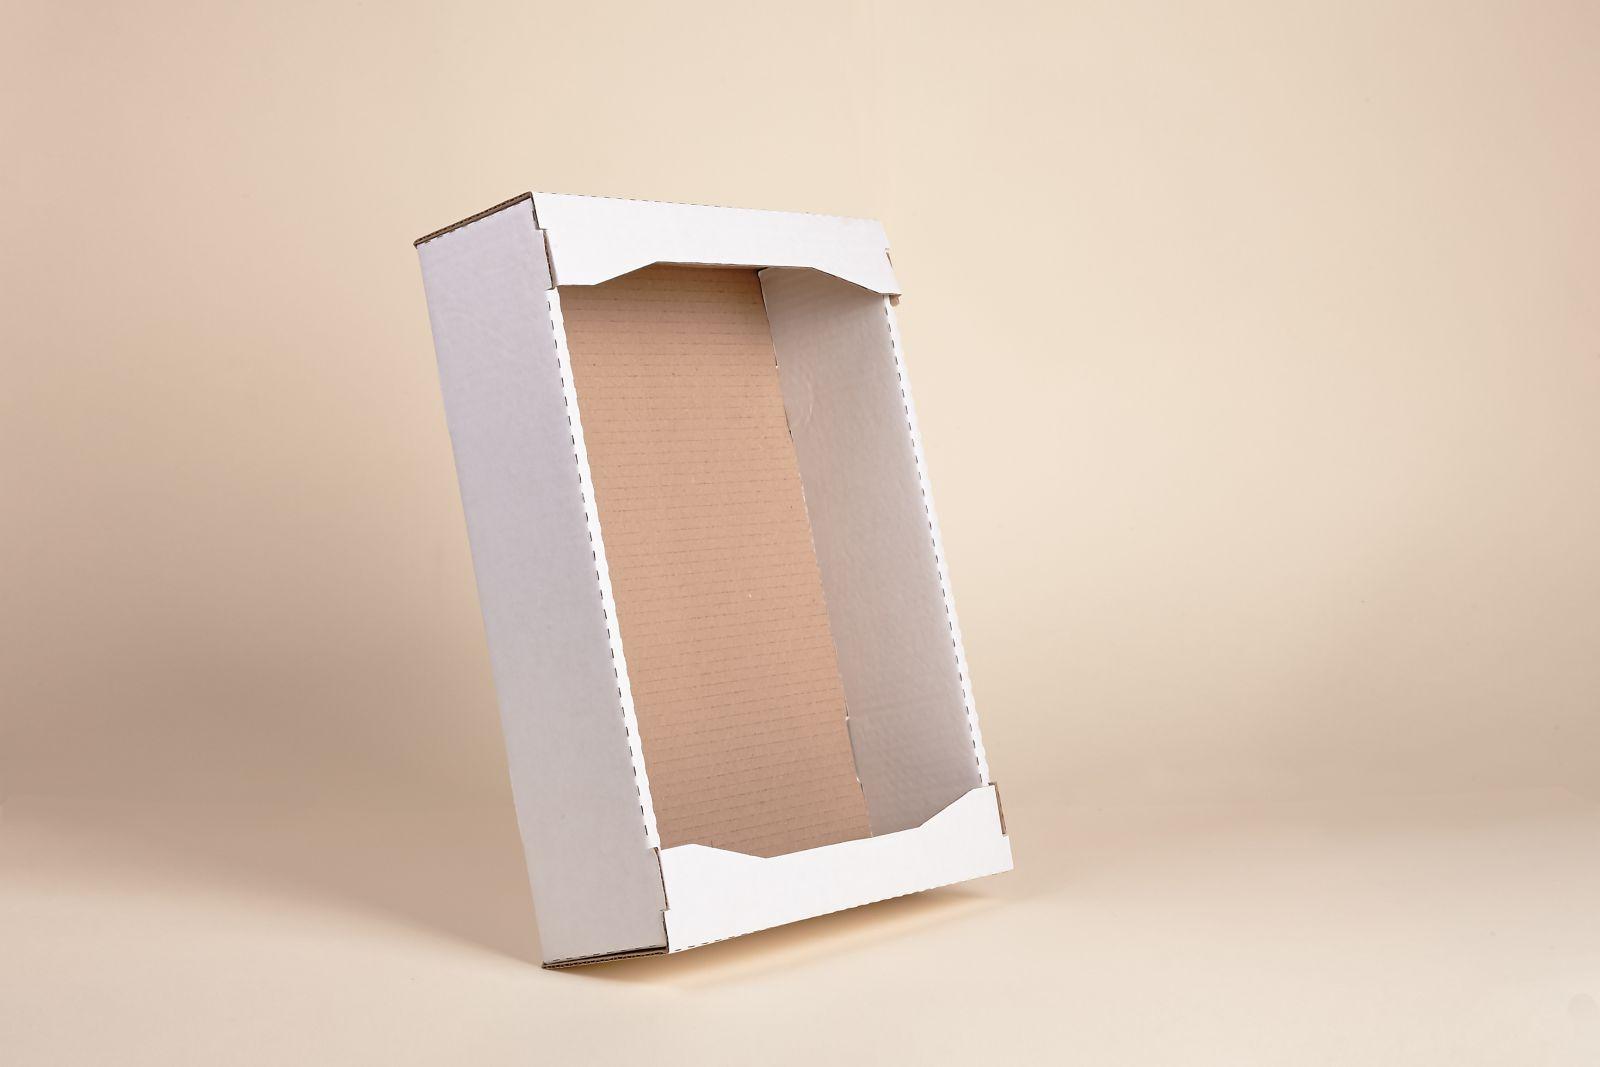 Купить коробки для кондитерских изделий